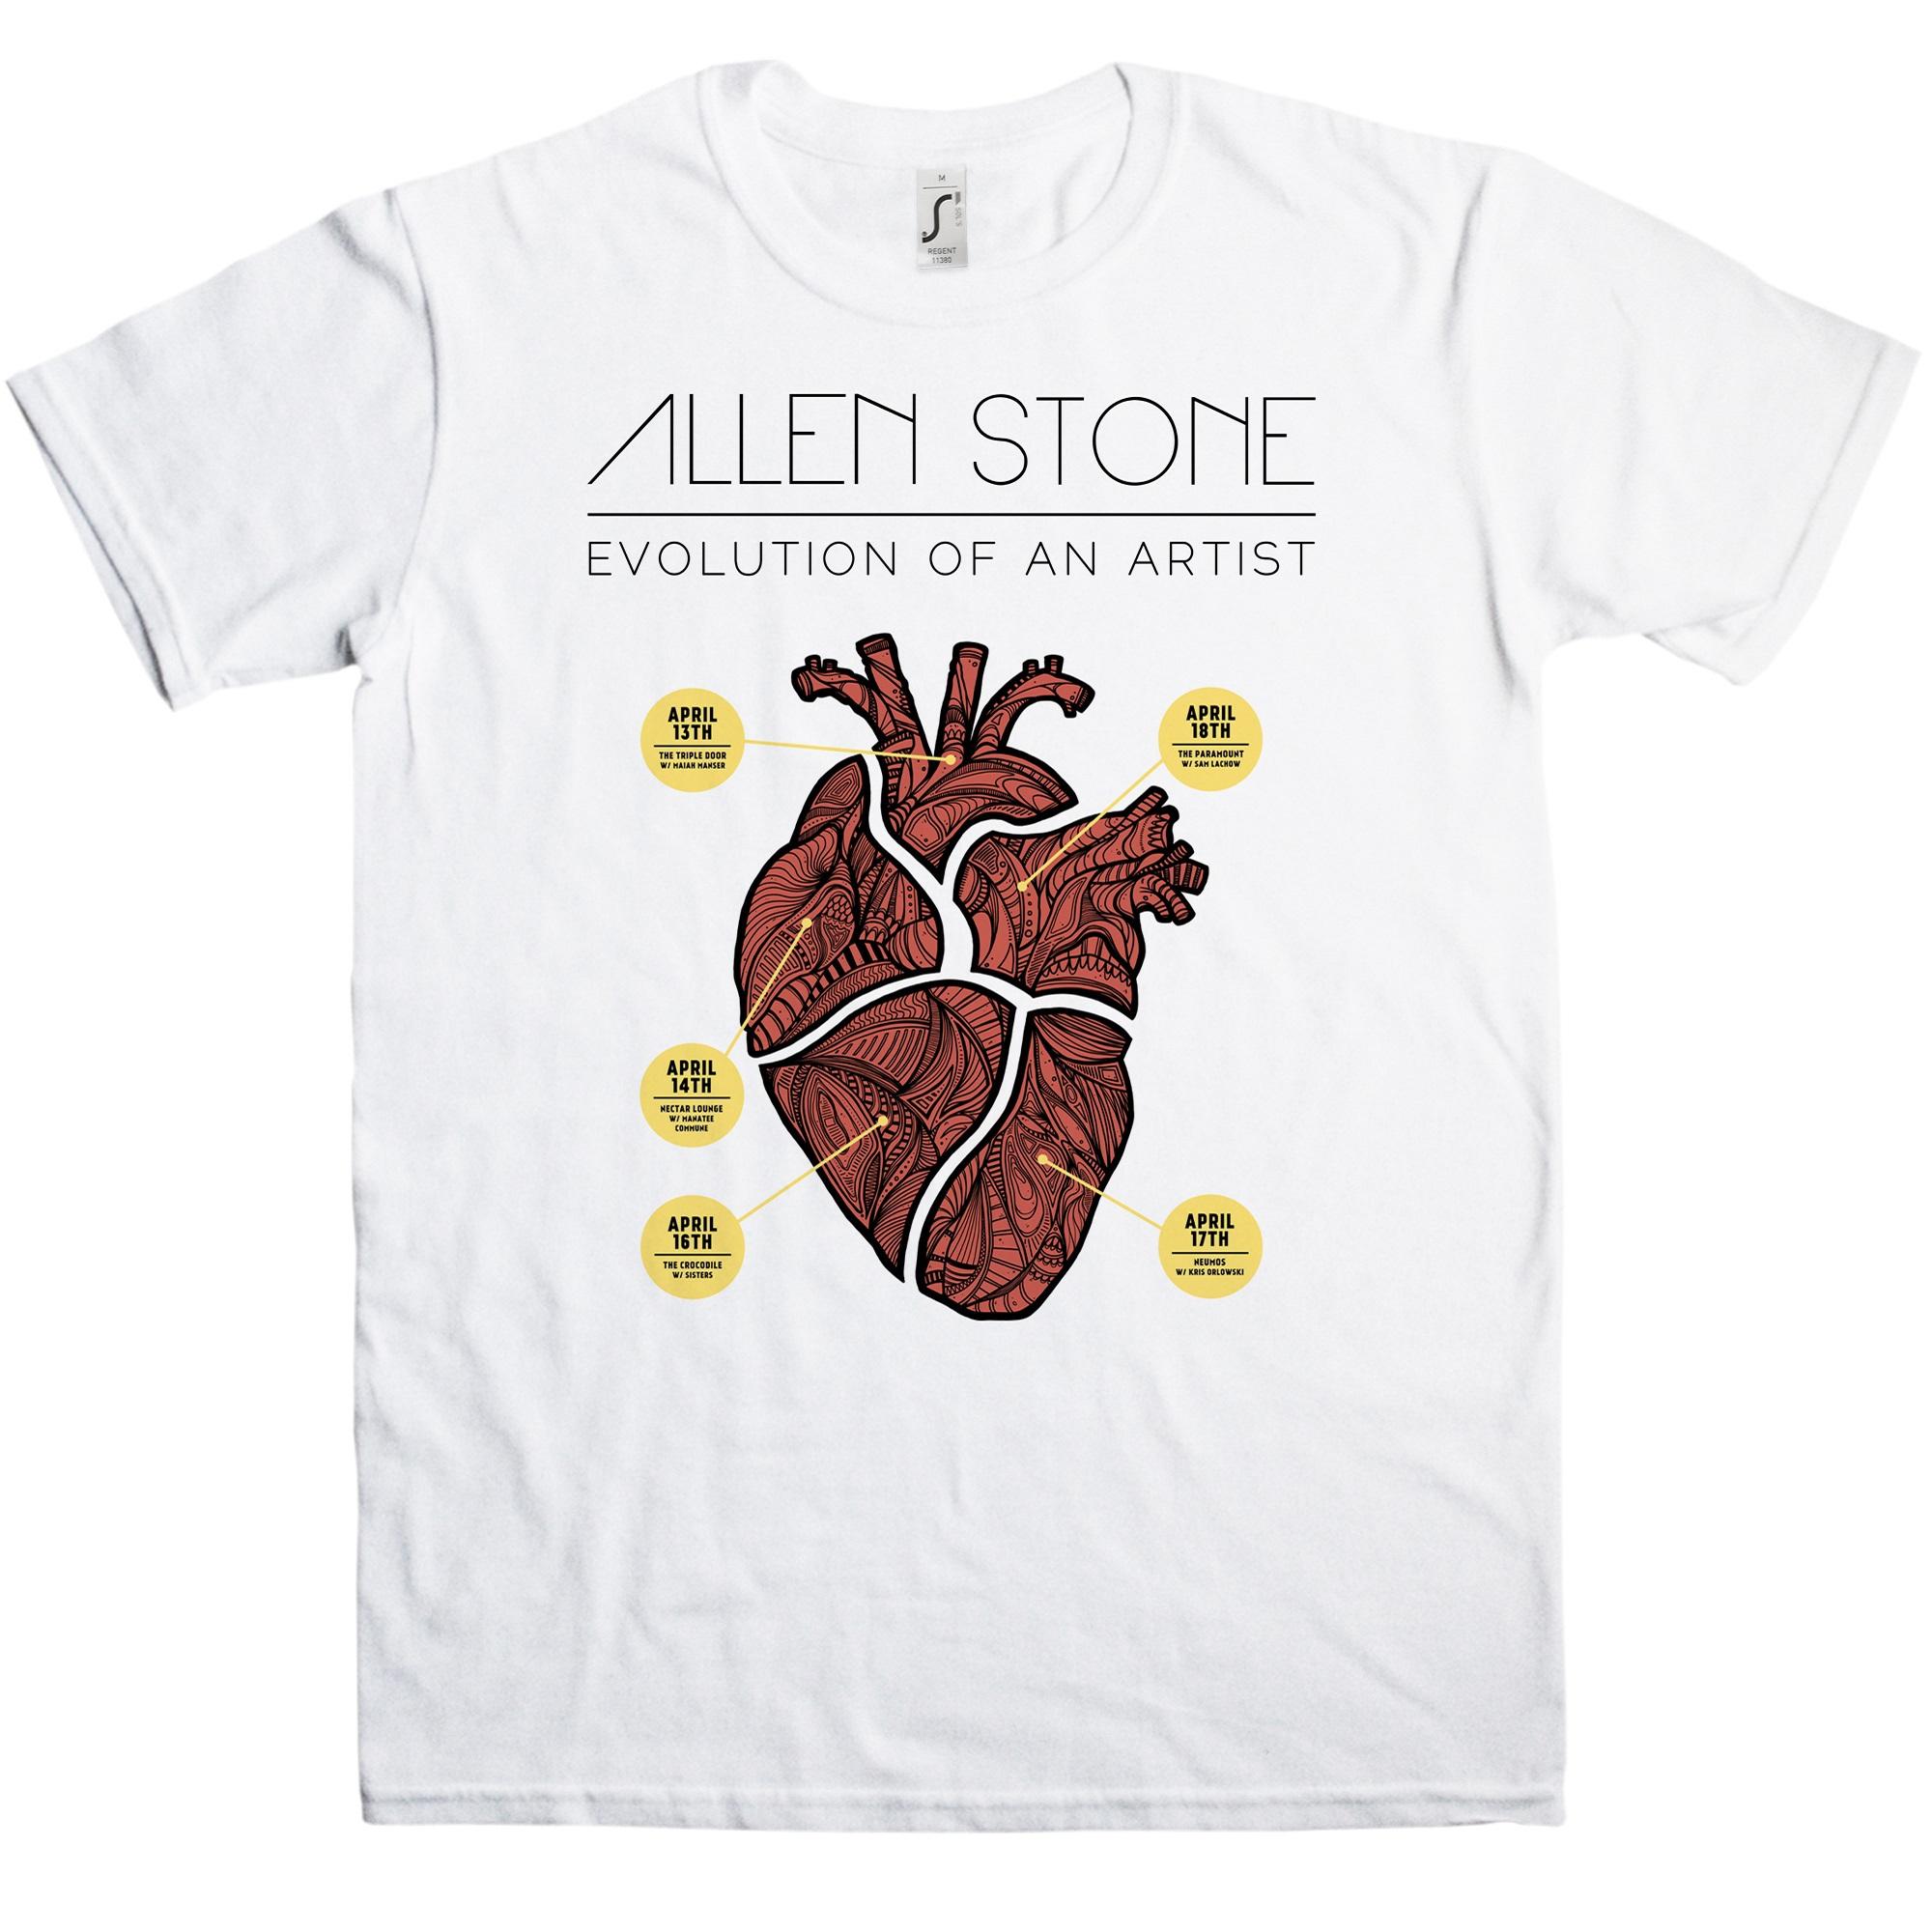 Allen Stone Evolution of an Artist T-Shirt